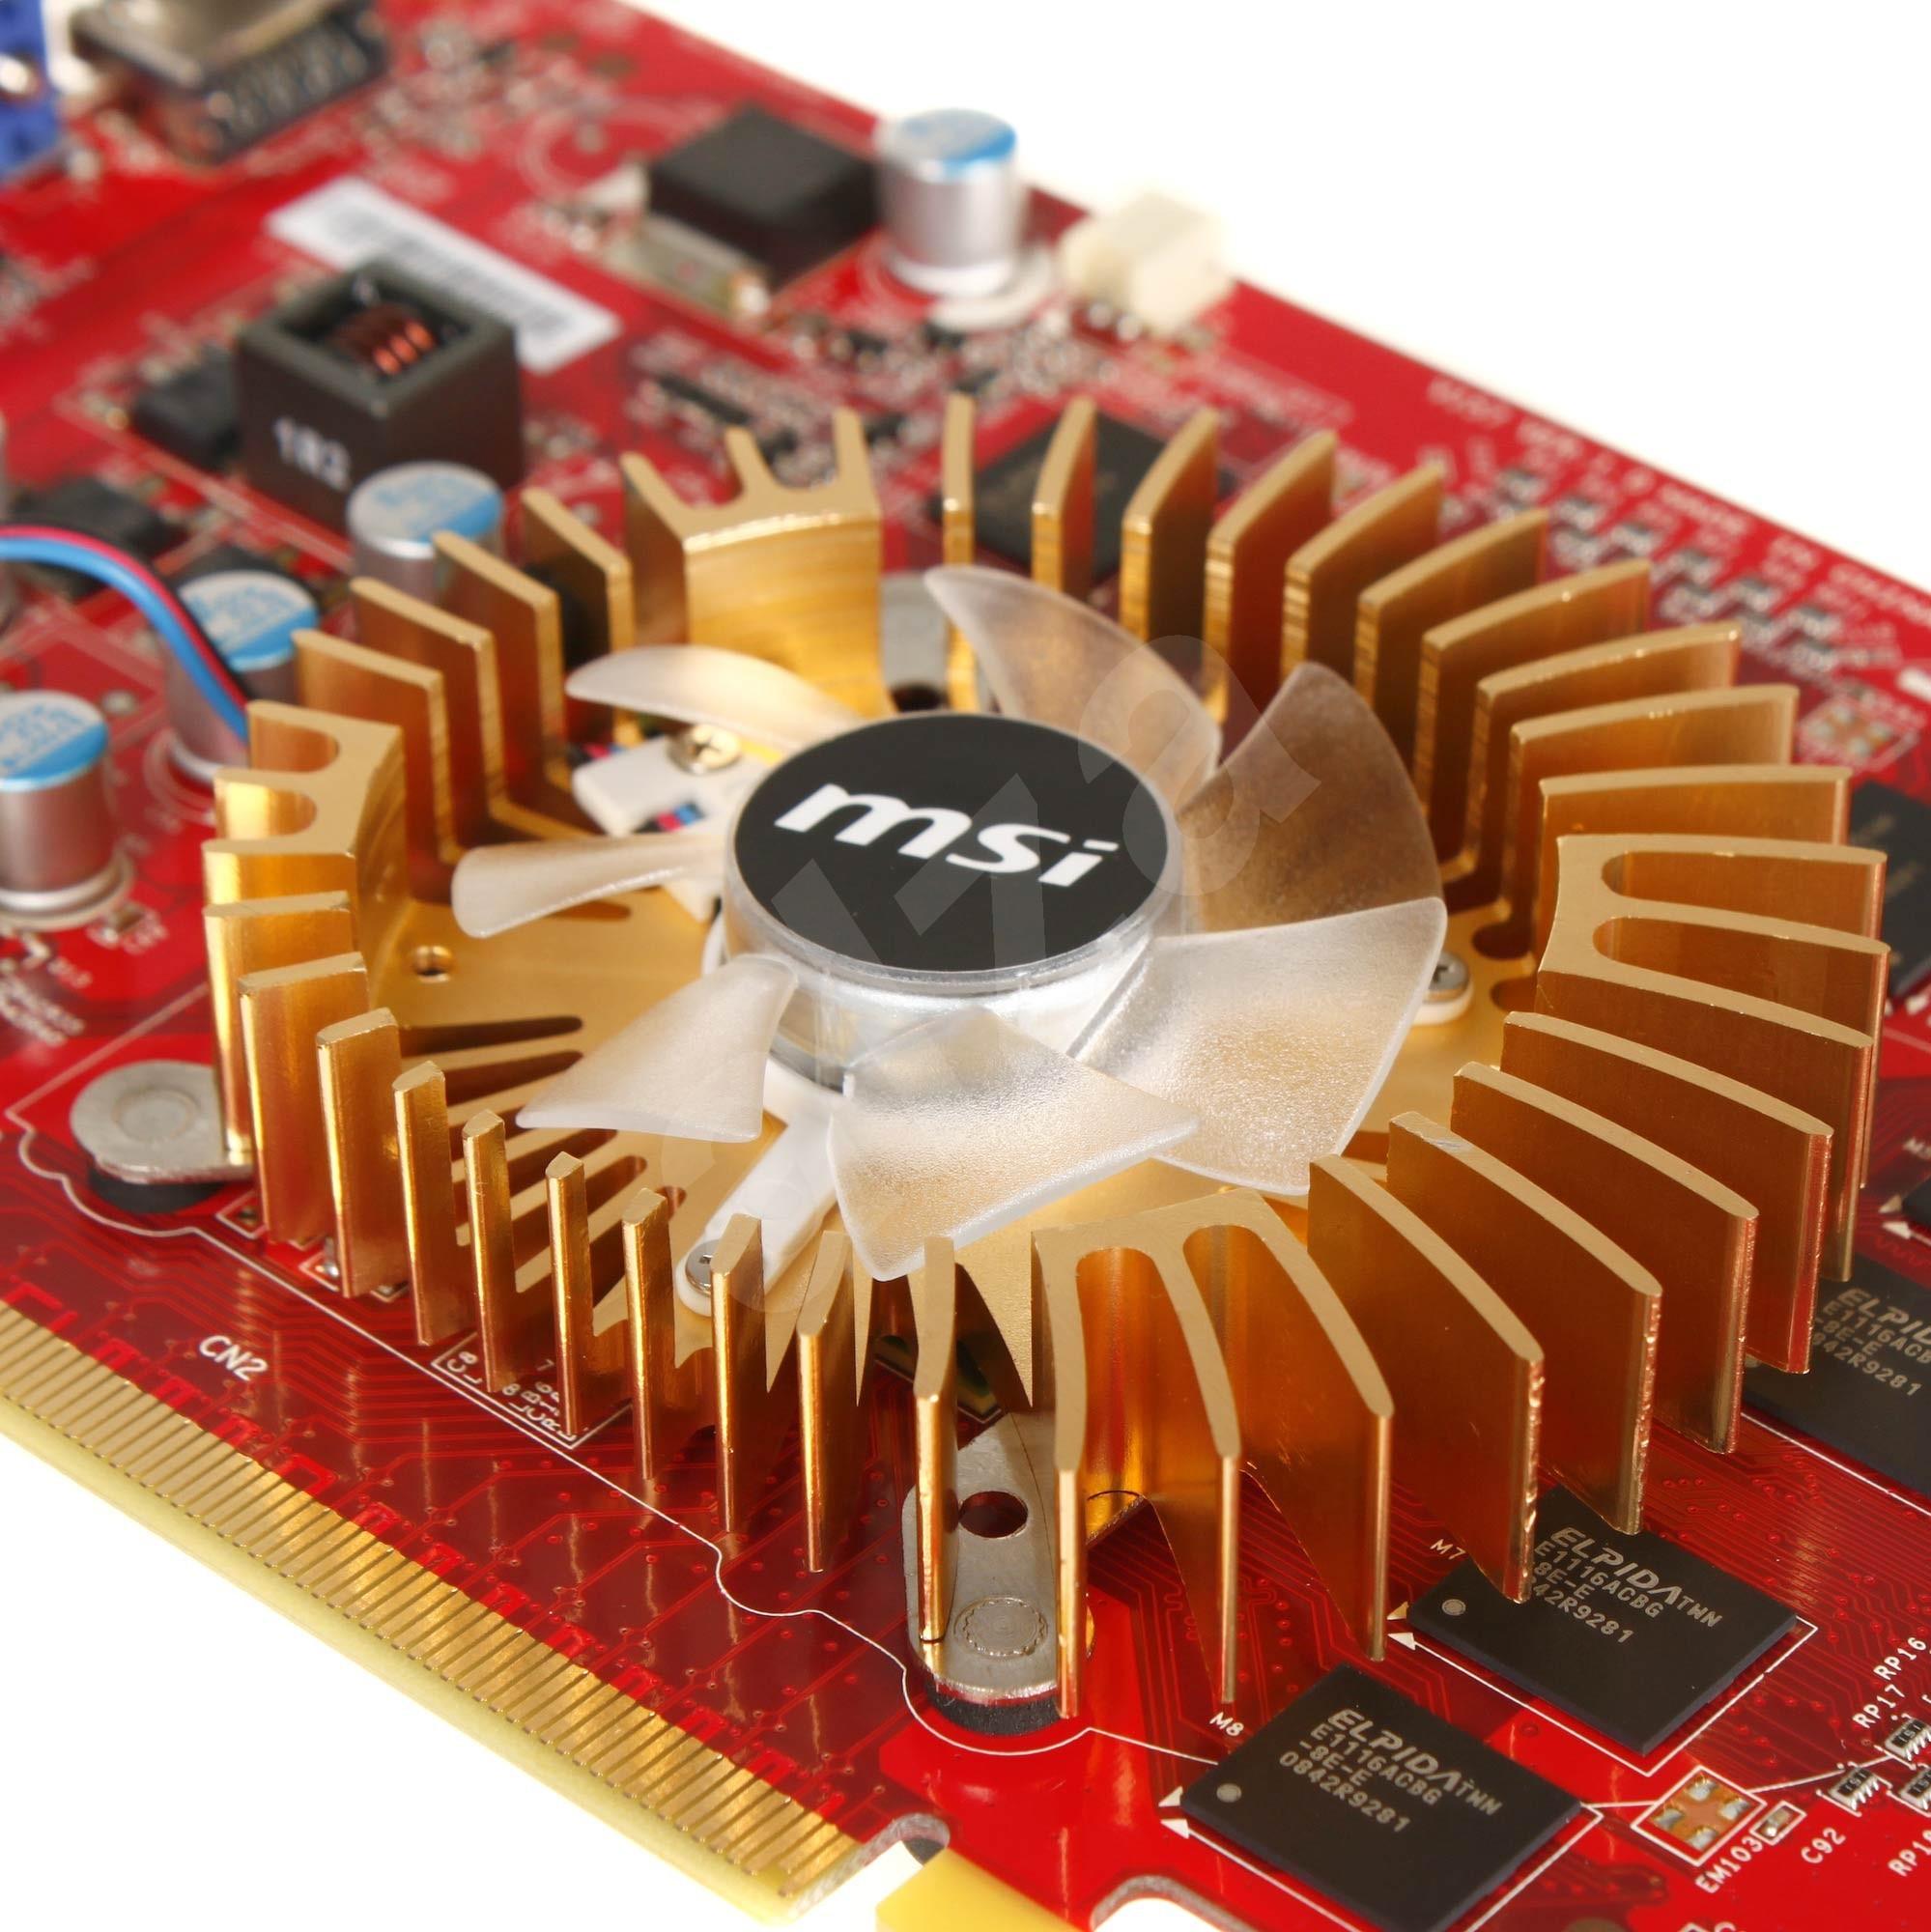 MSI N9500GT-MD1G-OC/D2 - graphics card - GF 9500 GT - 1 GB Specs